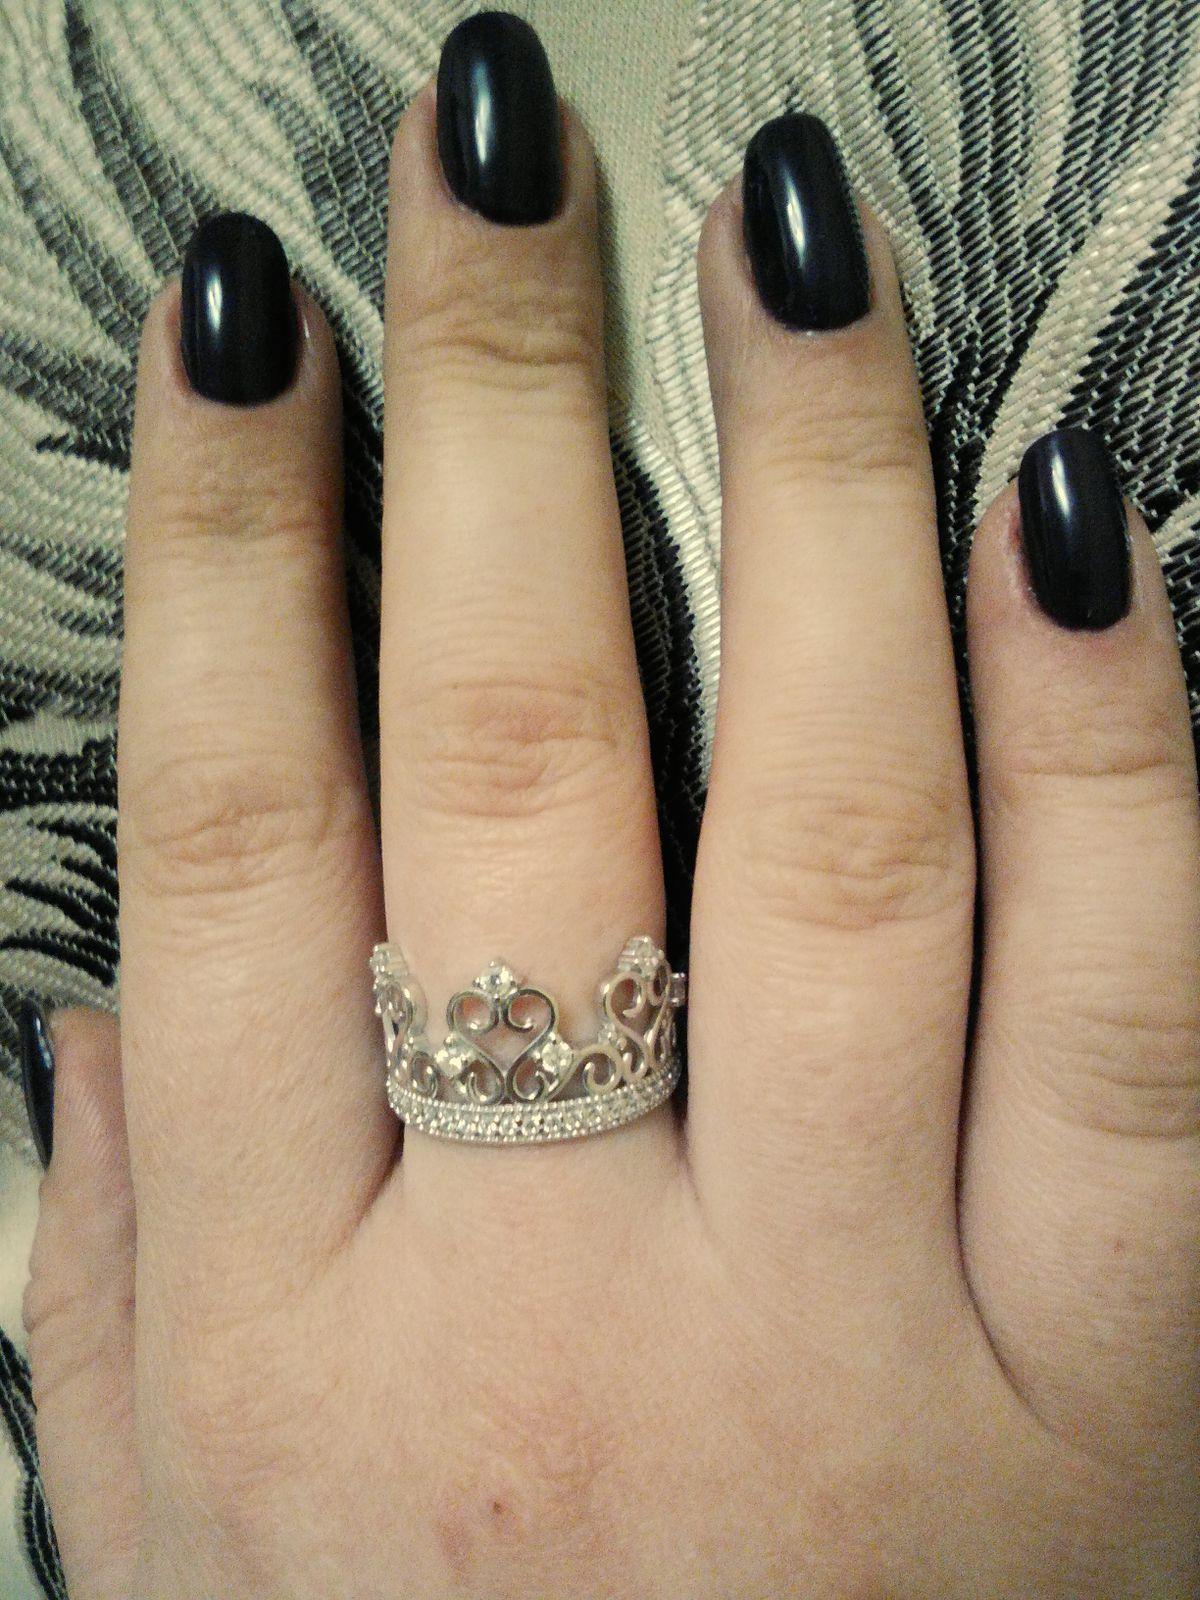 Крупное кольцо для крупного пальца)